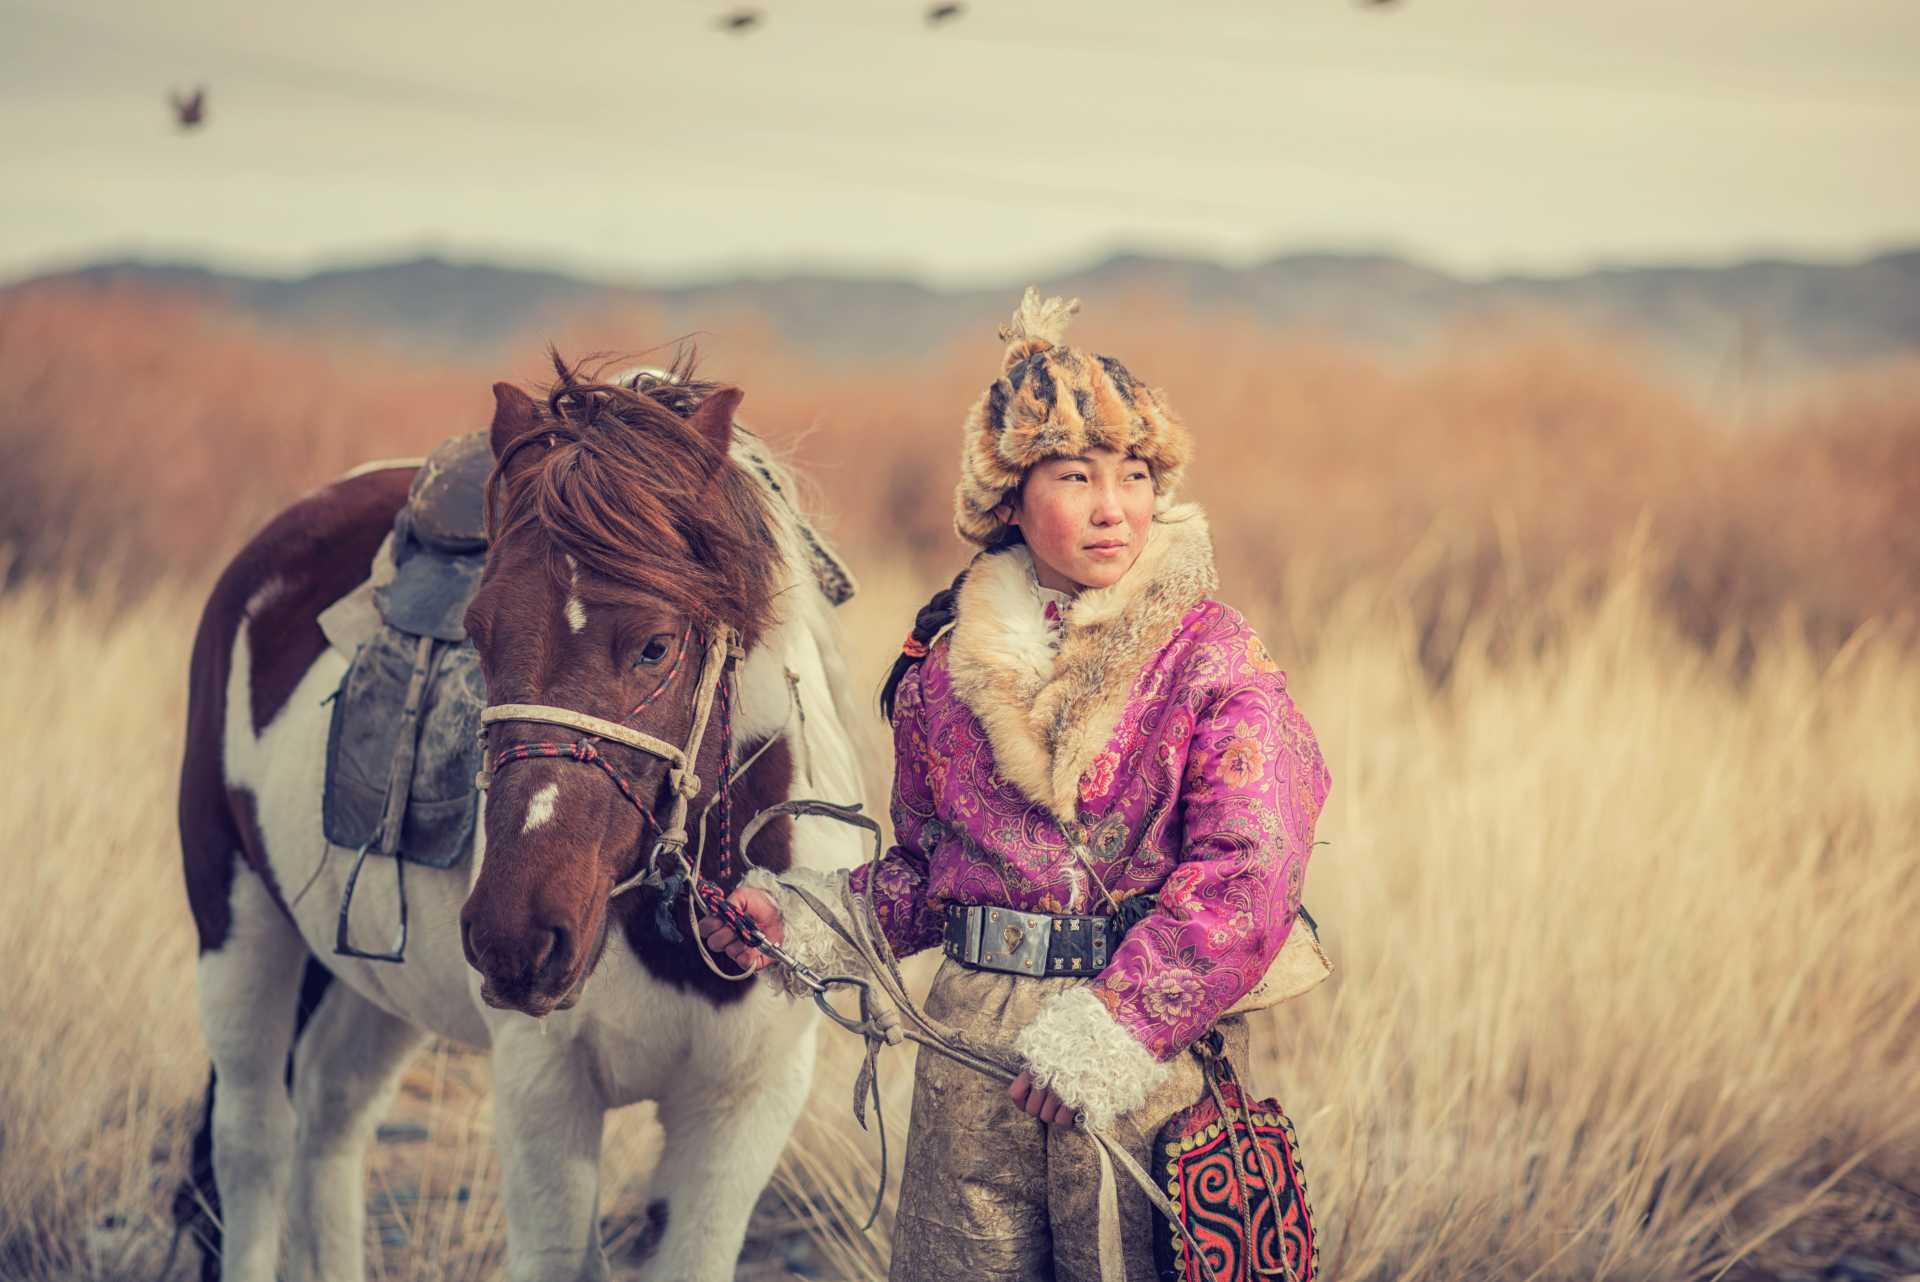 Hvor meget er en mongolsk tughrik værd?